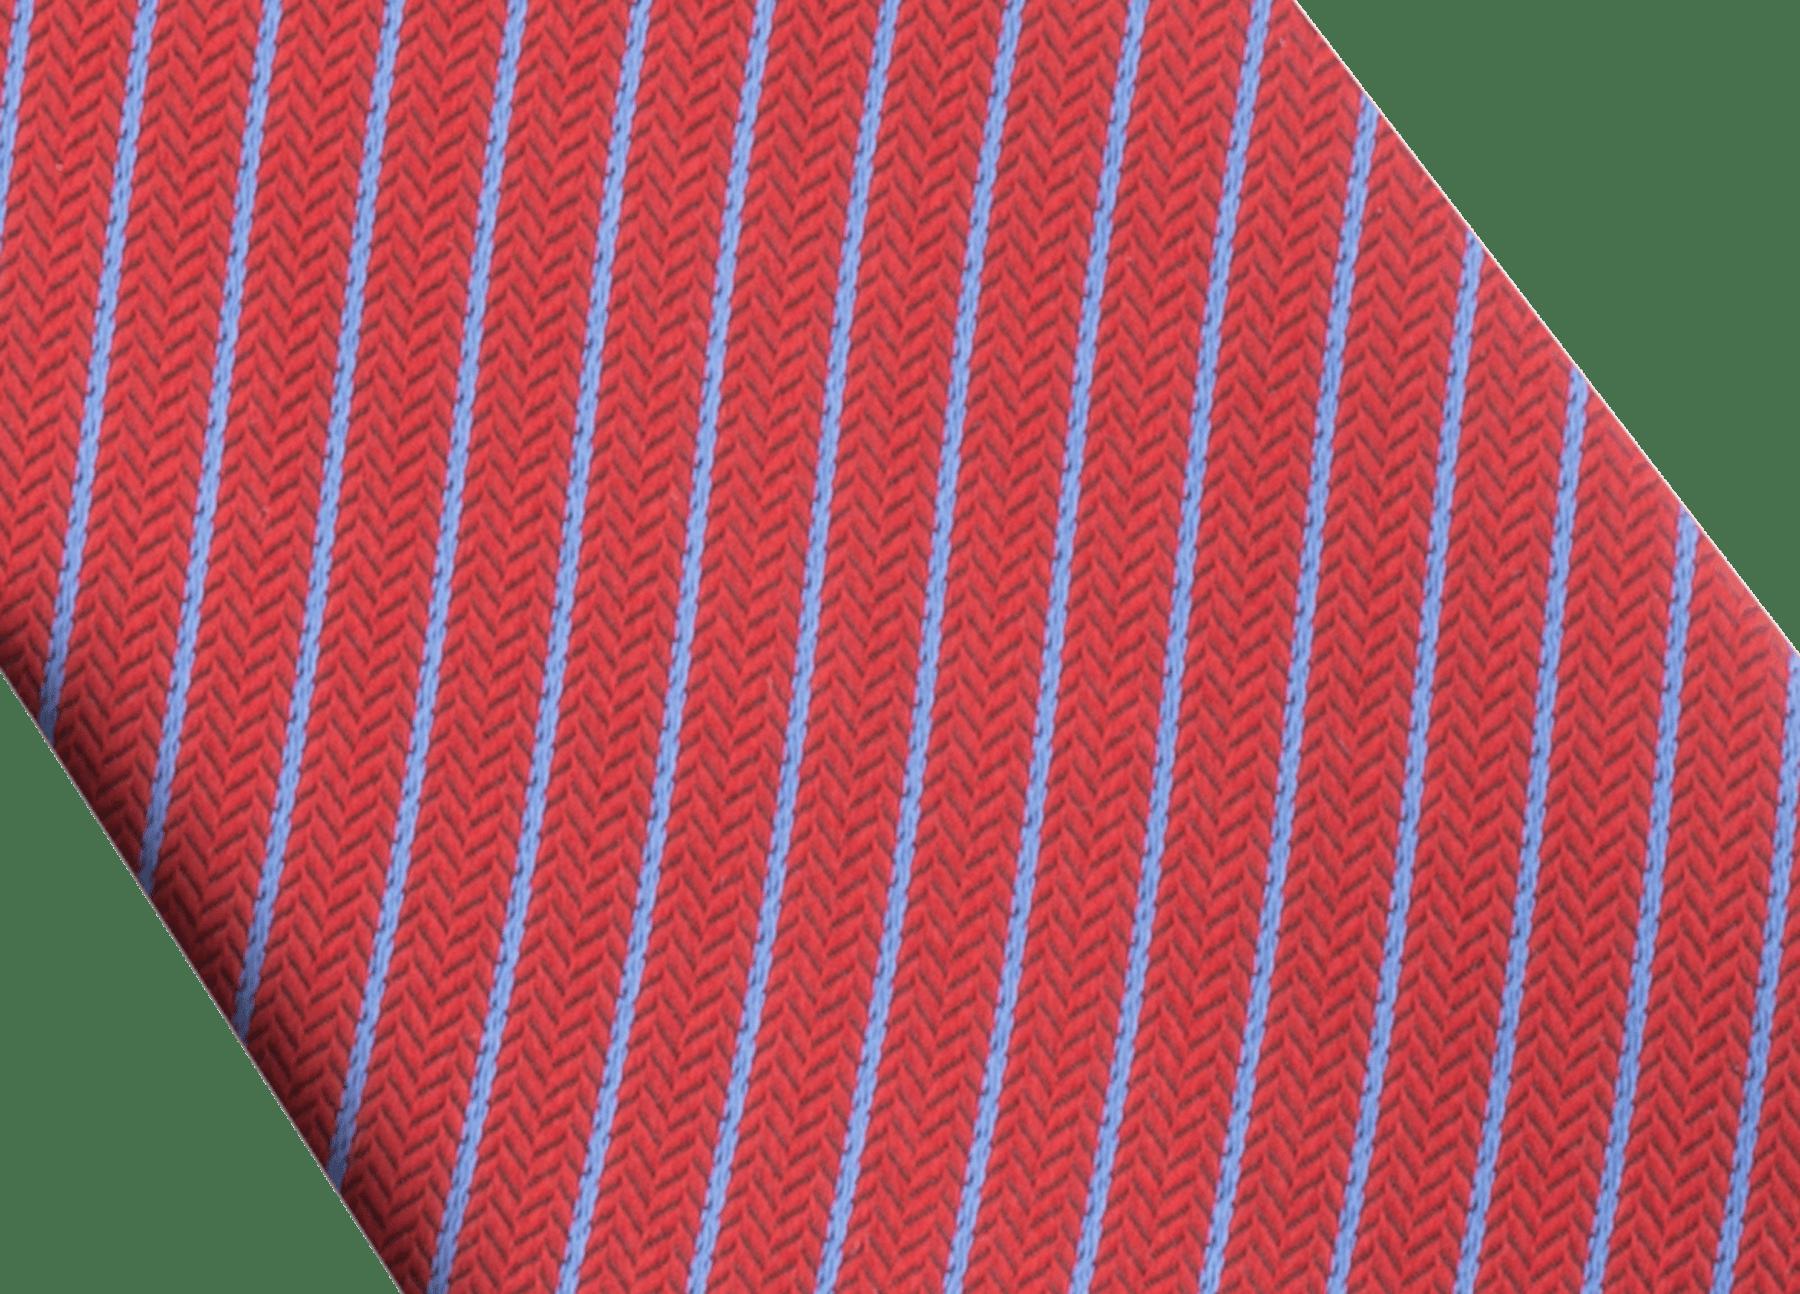 「Octo & Stripes」柄があしらわれたレッドのセブンフォールドタイ。上質なジャガードシルク製。 244210 image 2